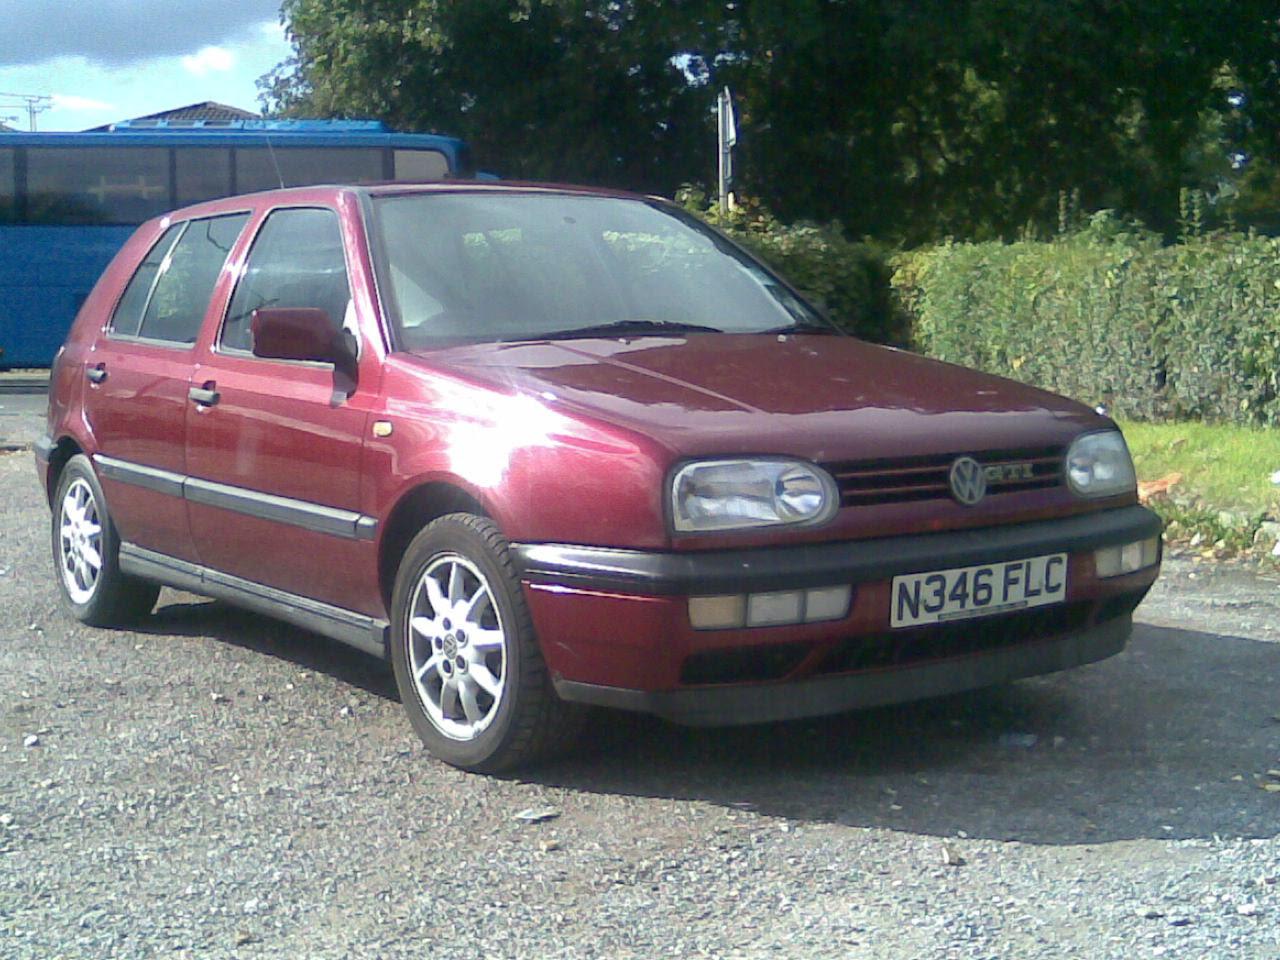 1996 Volkswagen Golf - Pictures - CarGurus